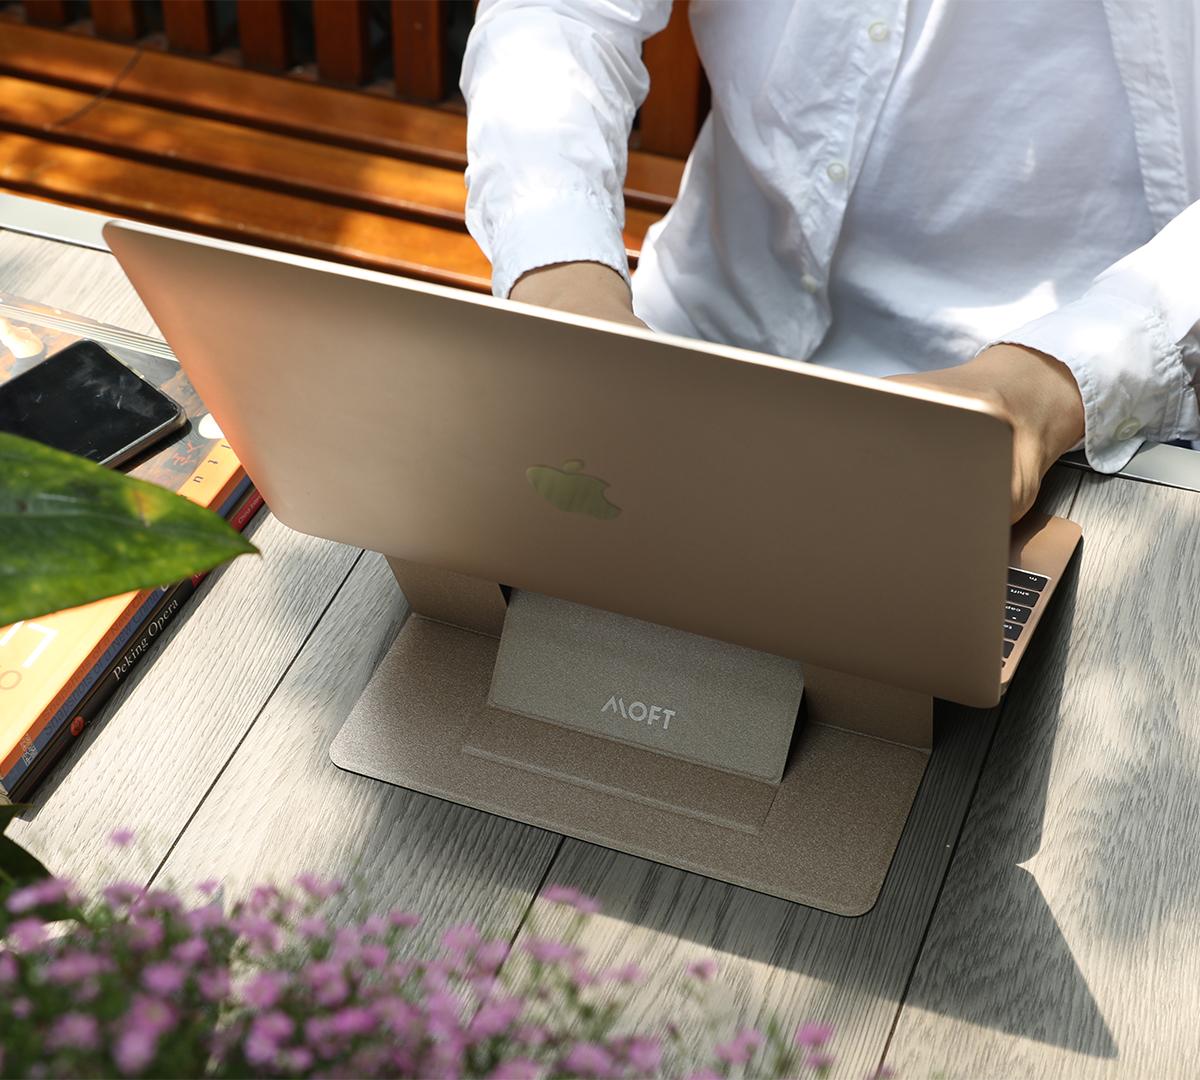 軽量&極薄でシームレスな「ノートPC一体型スタンド」。目線が上がり姿勢が楽々、タイピングも快適になる薄さ3ミリの「ノートPCスタンド」|MOFT(モフト)